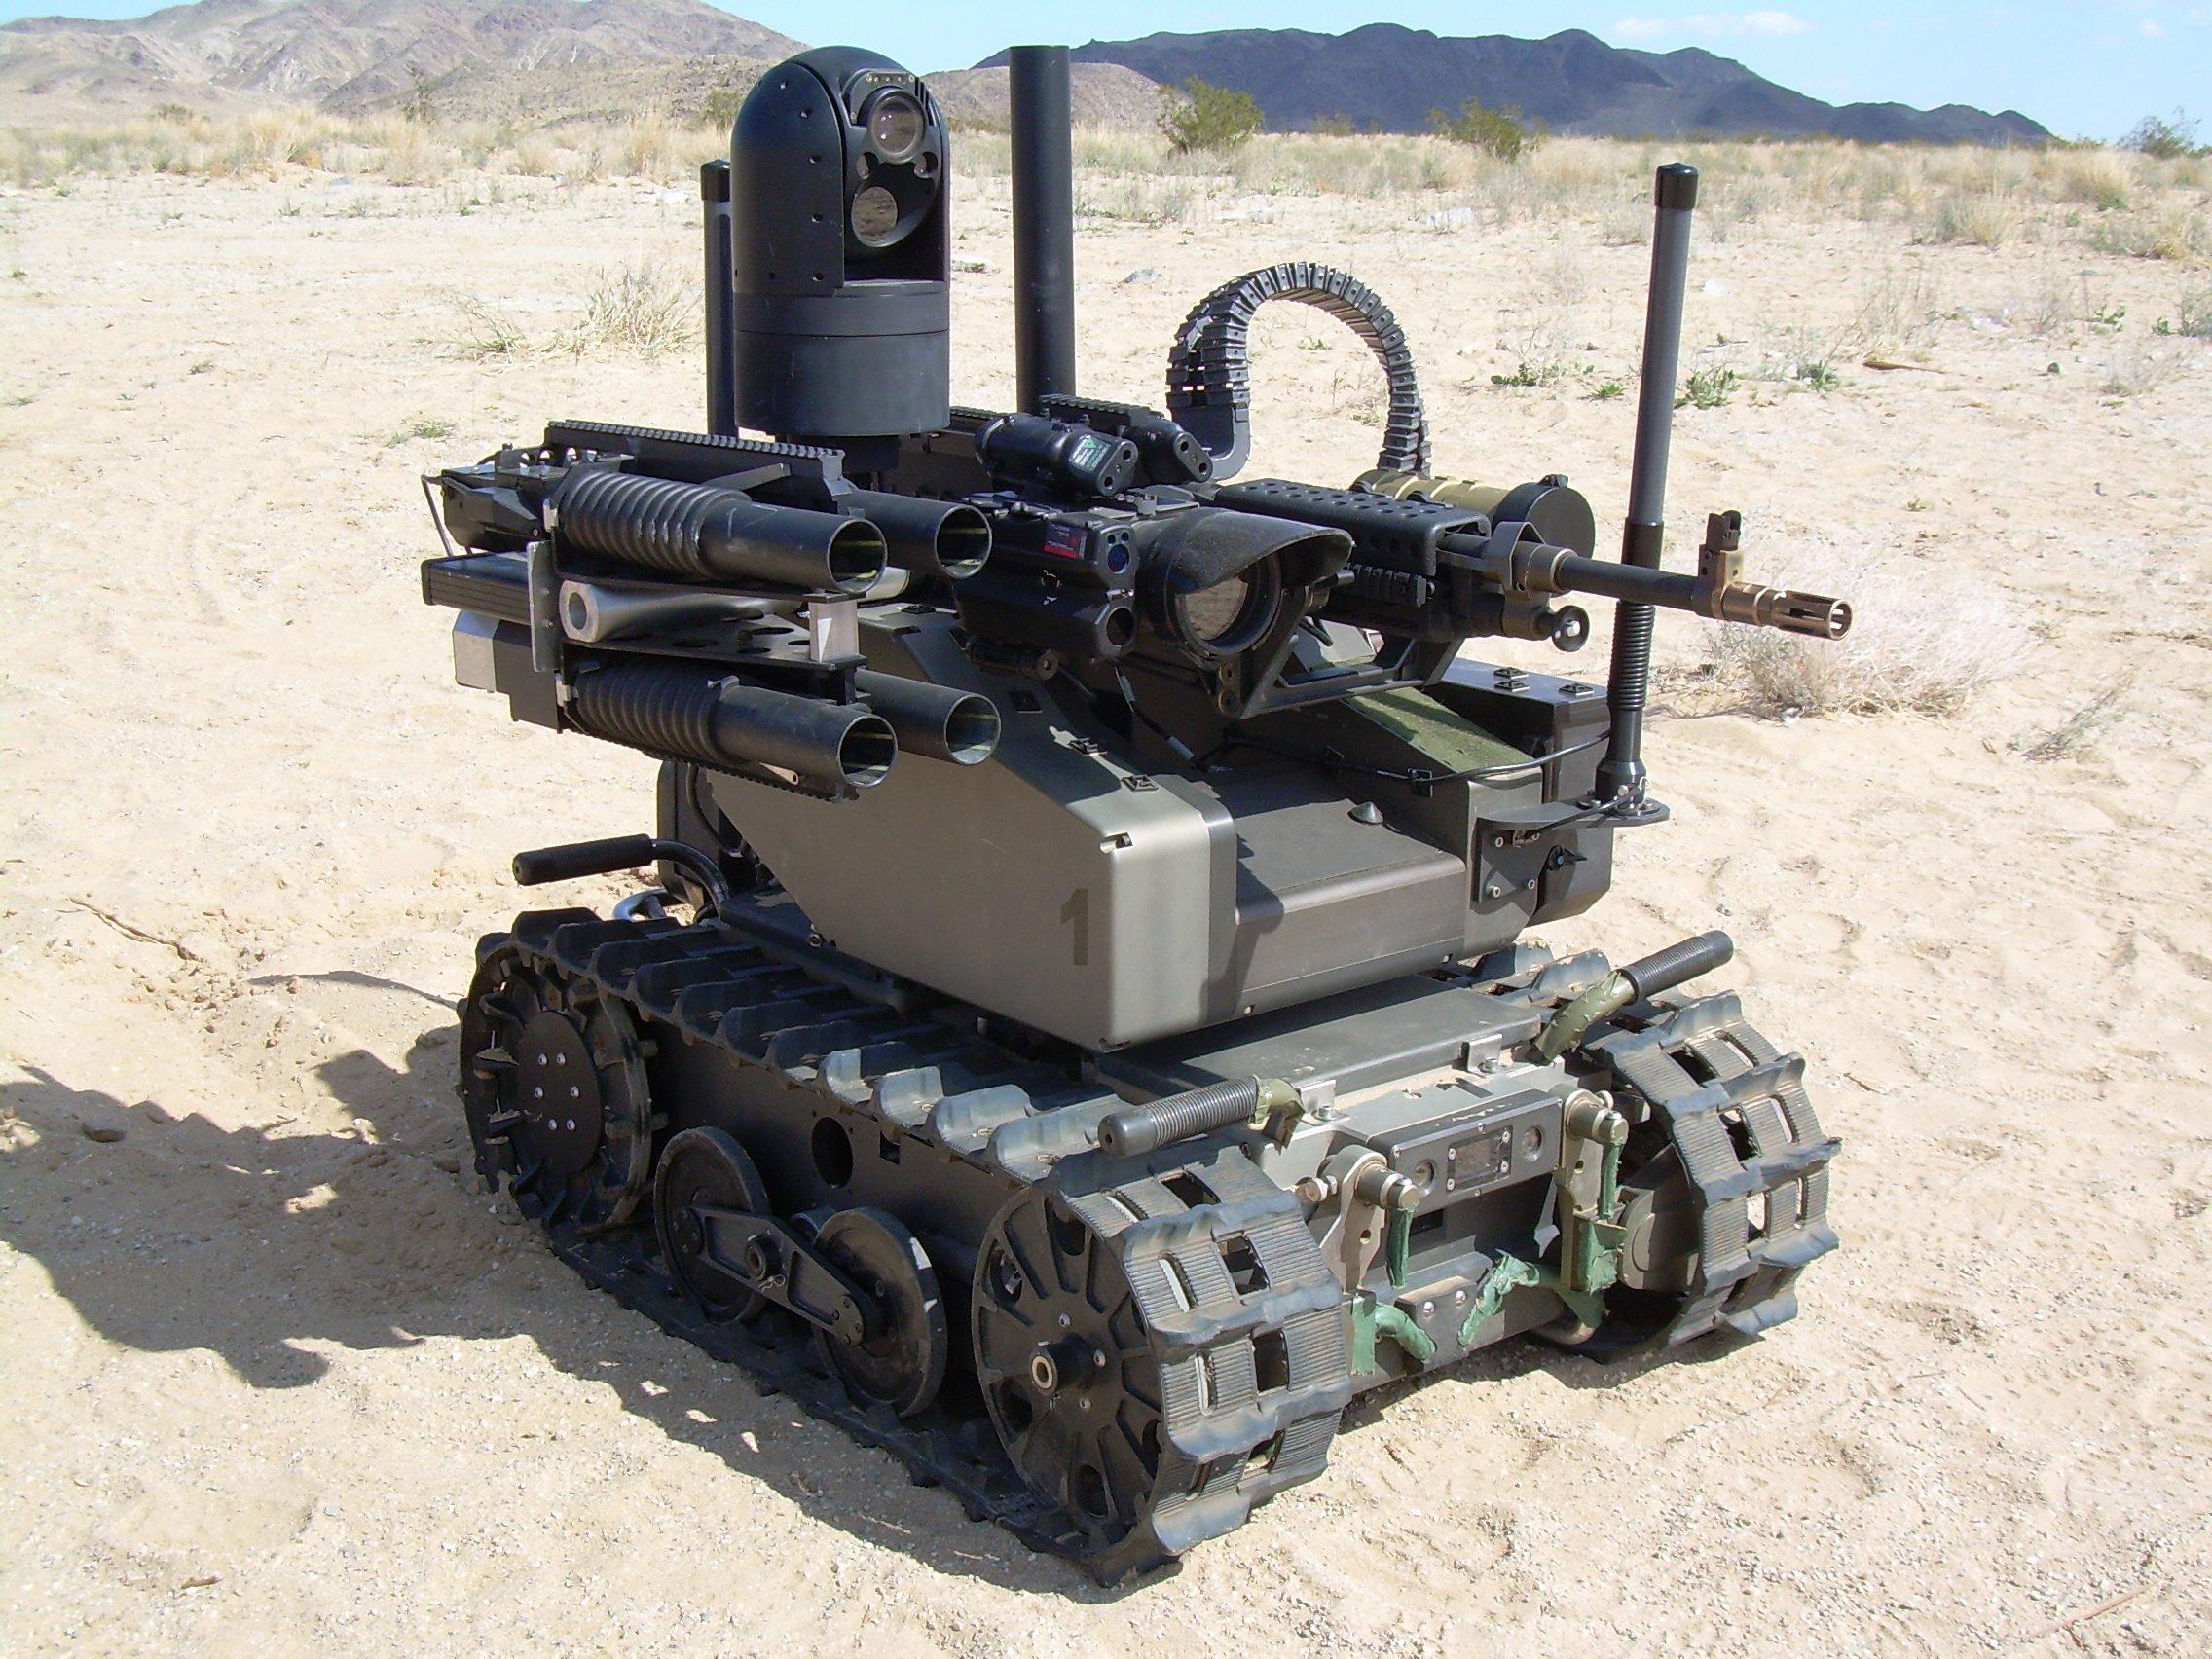 Das Maars-System lässt sich vermutlich auch schon für autonome Einsätze aufrüsten.